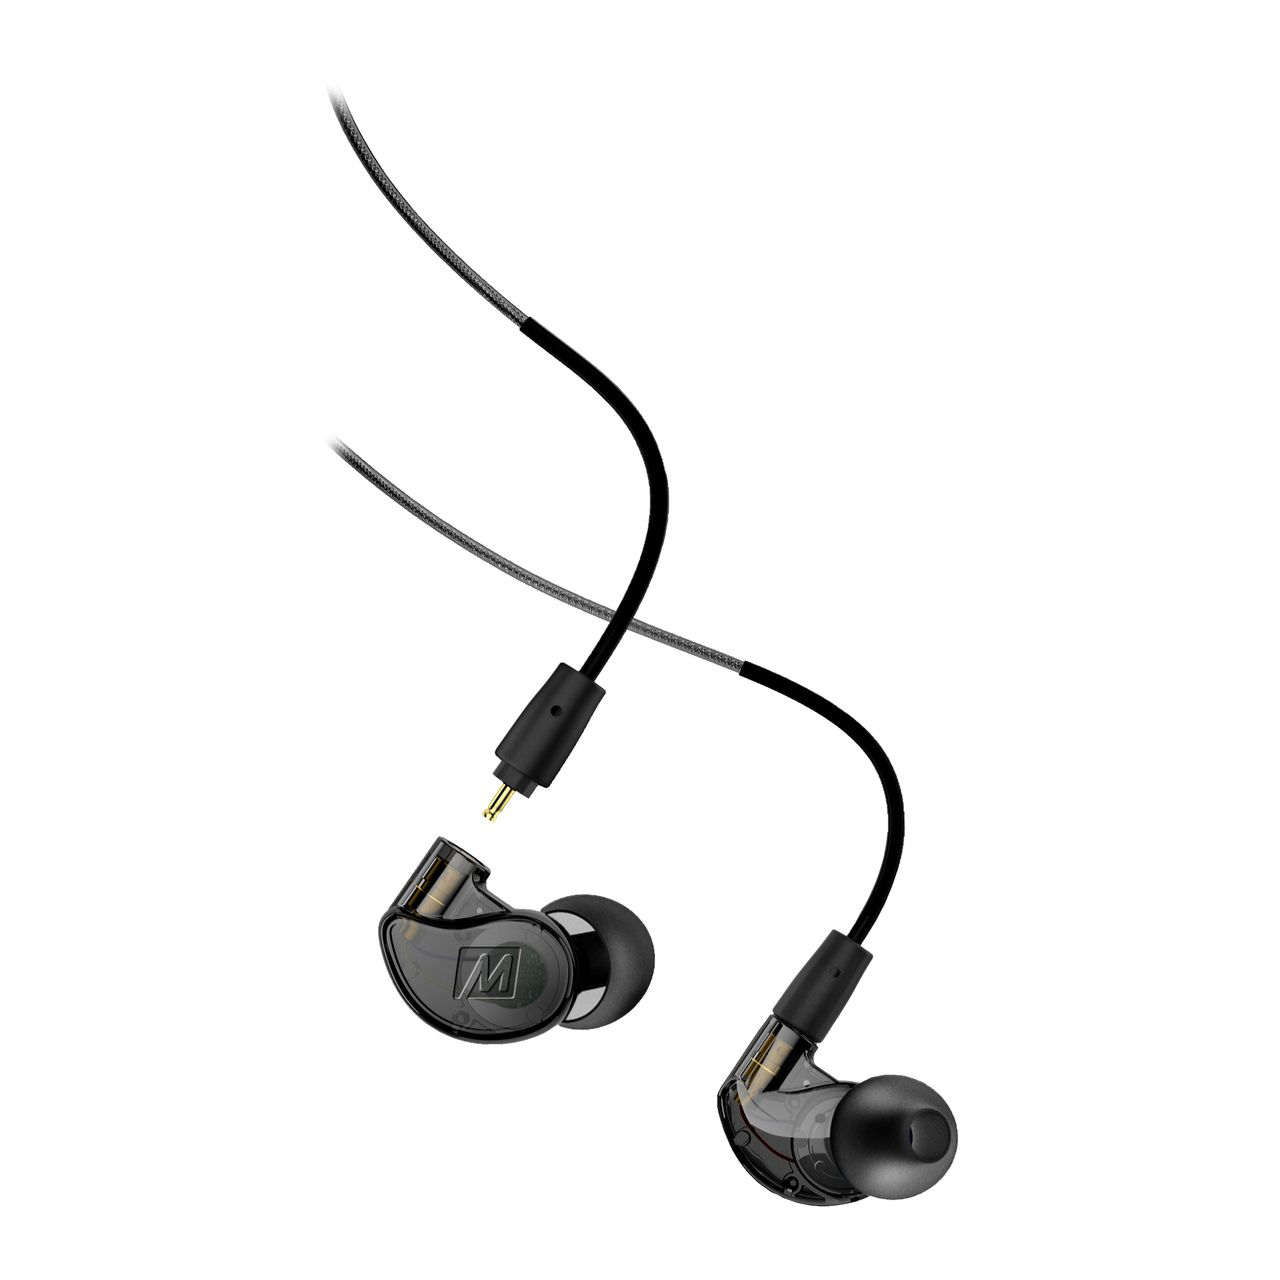 Fone de ouvido Mee Audio M6 Pro Preto